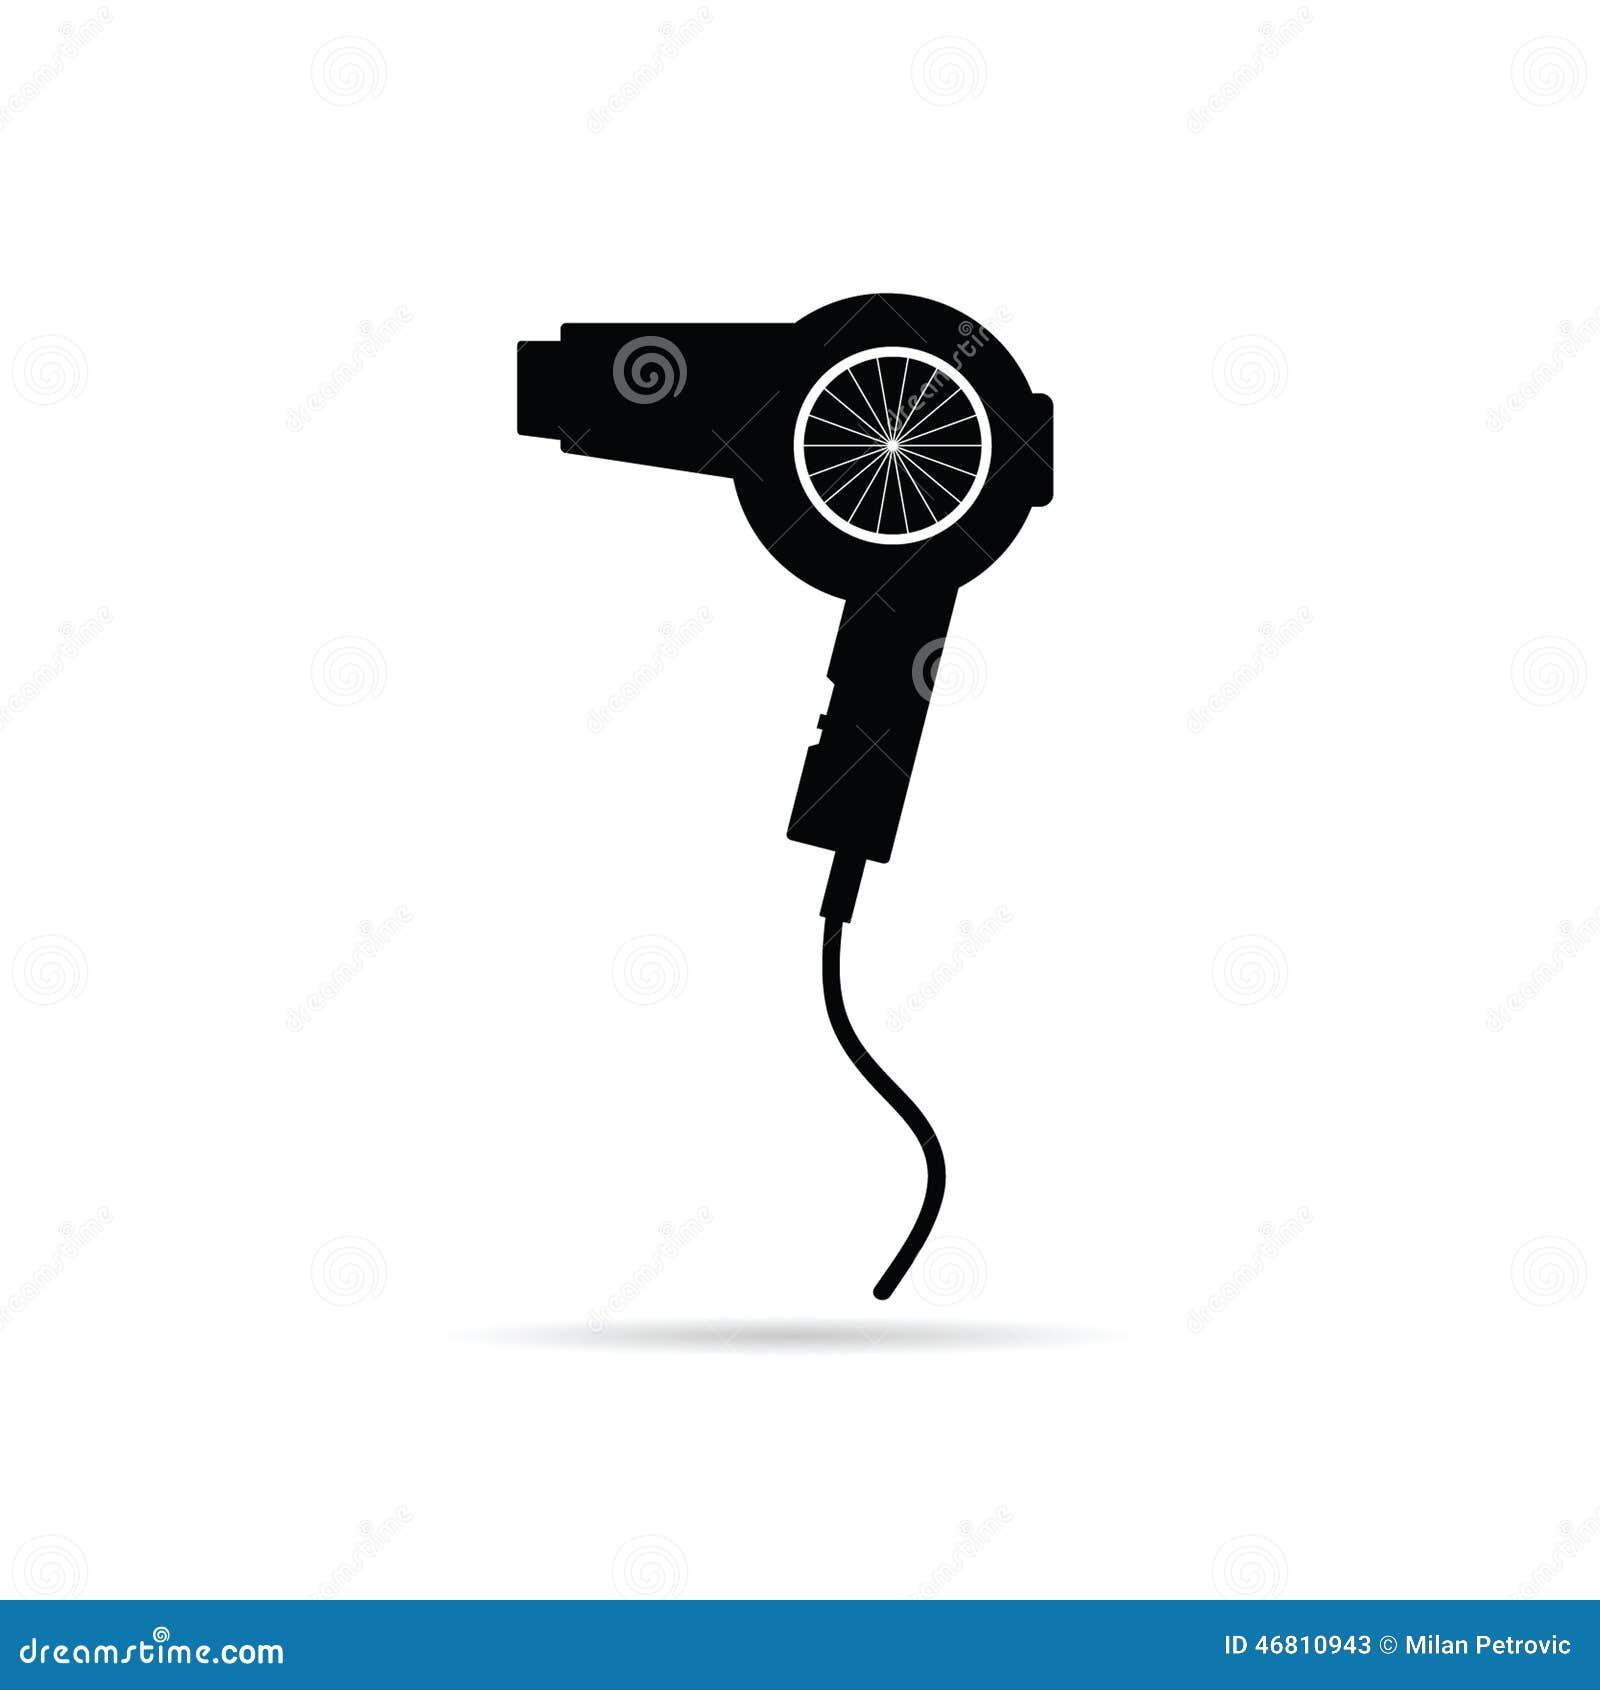 Animated Hair Dryer ~ Hairdryer black art vector illustration stock